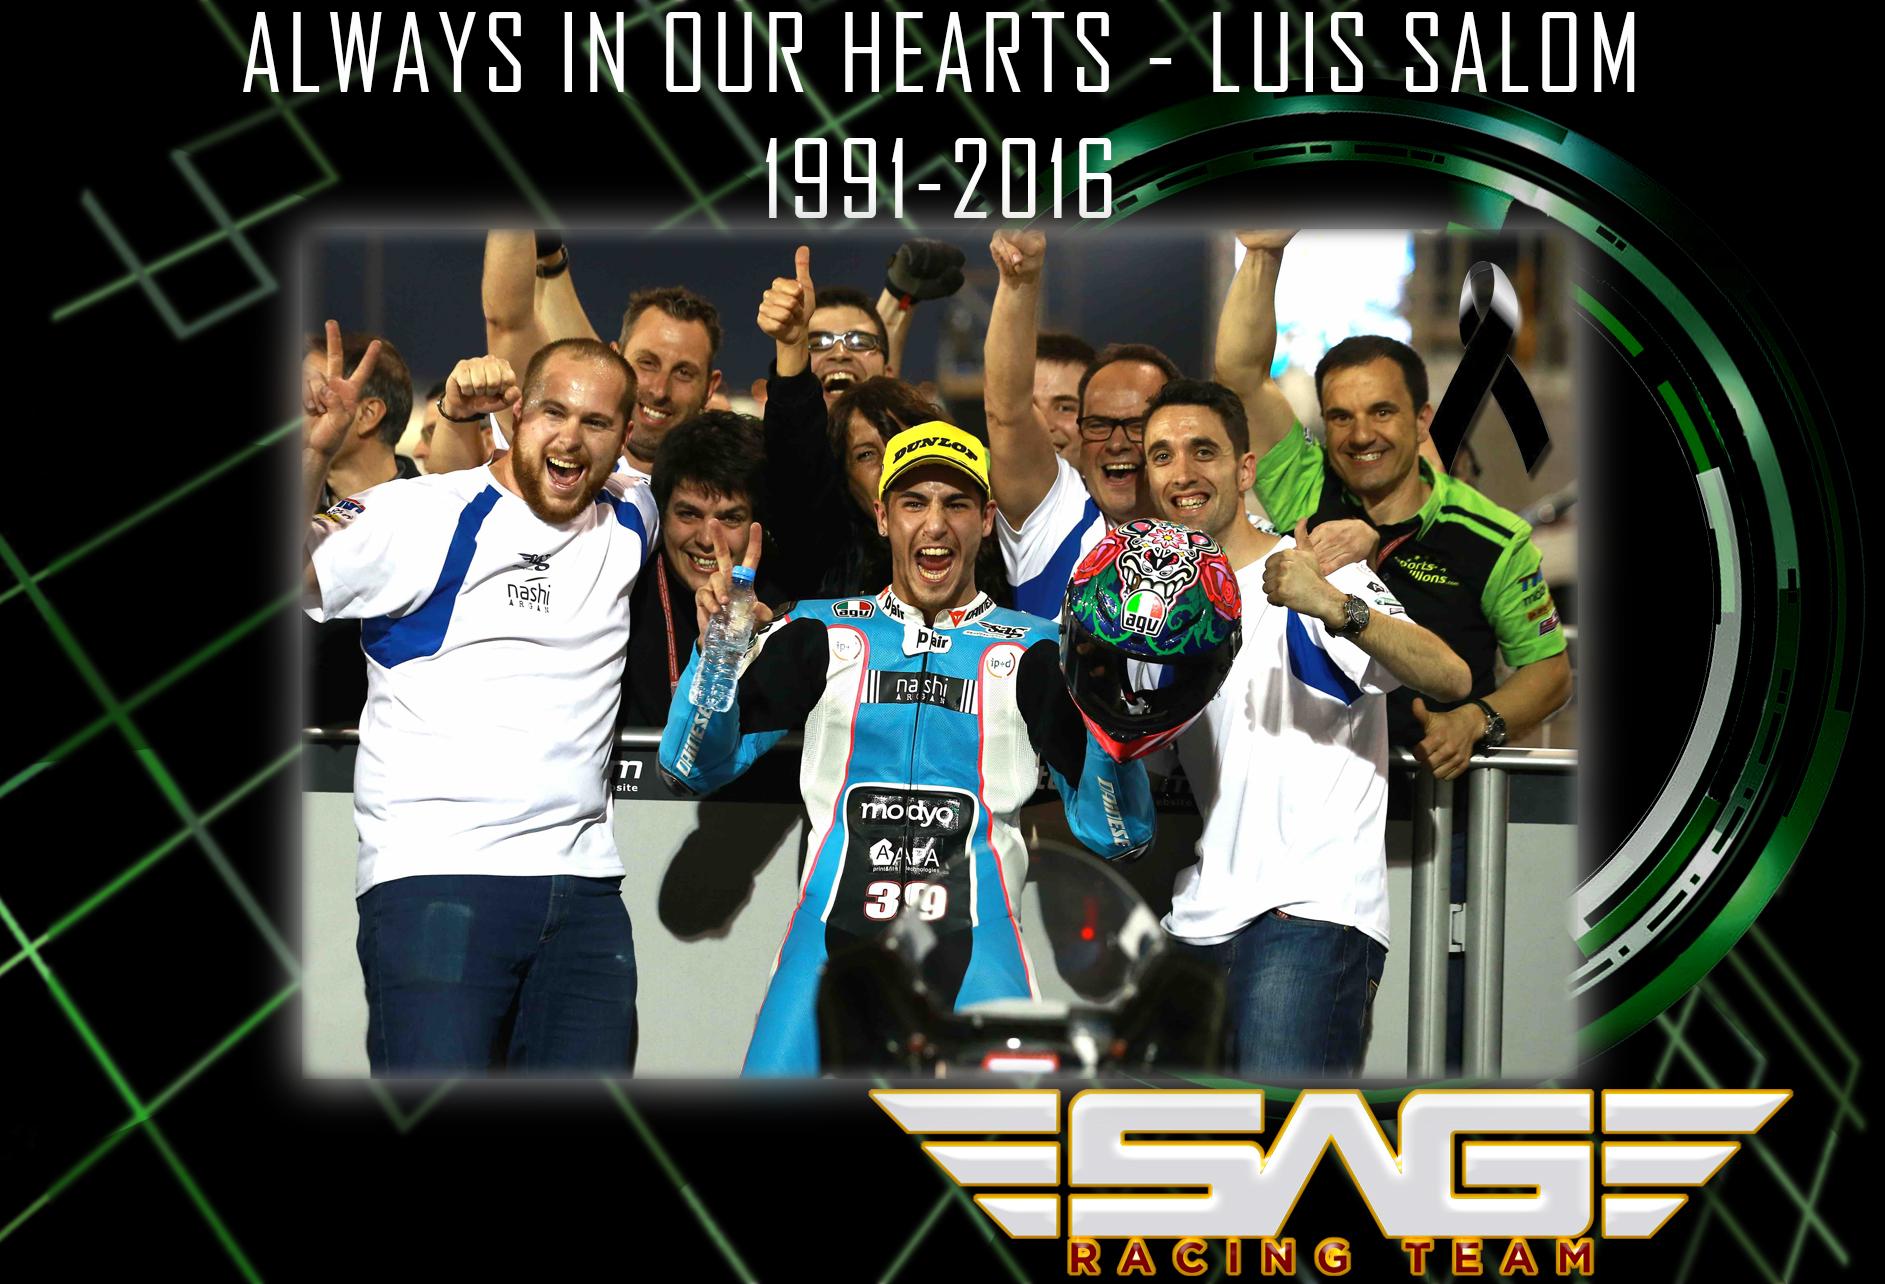 Luis Salom - Race in Peace